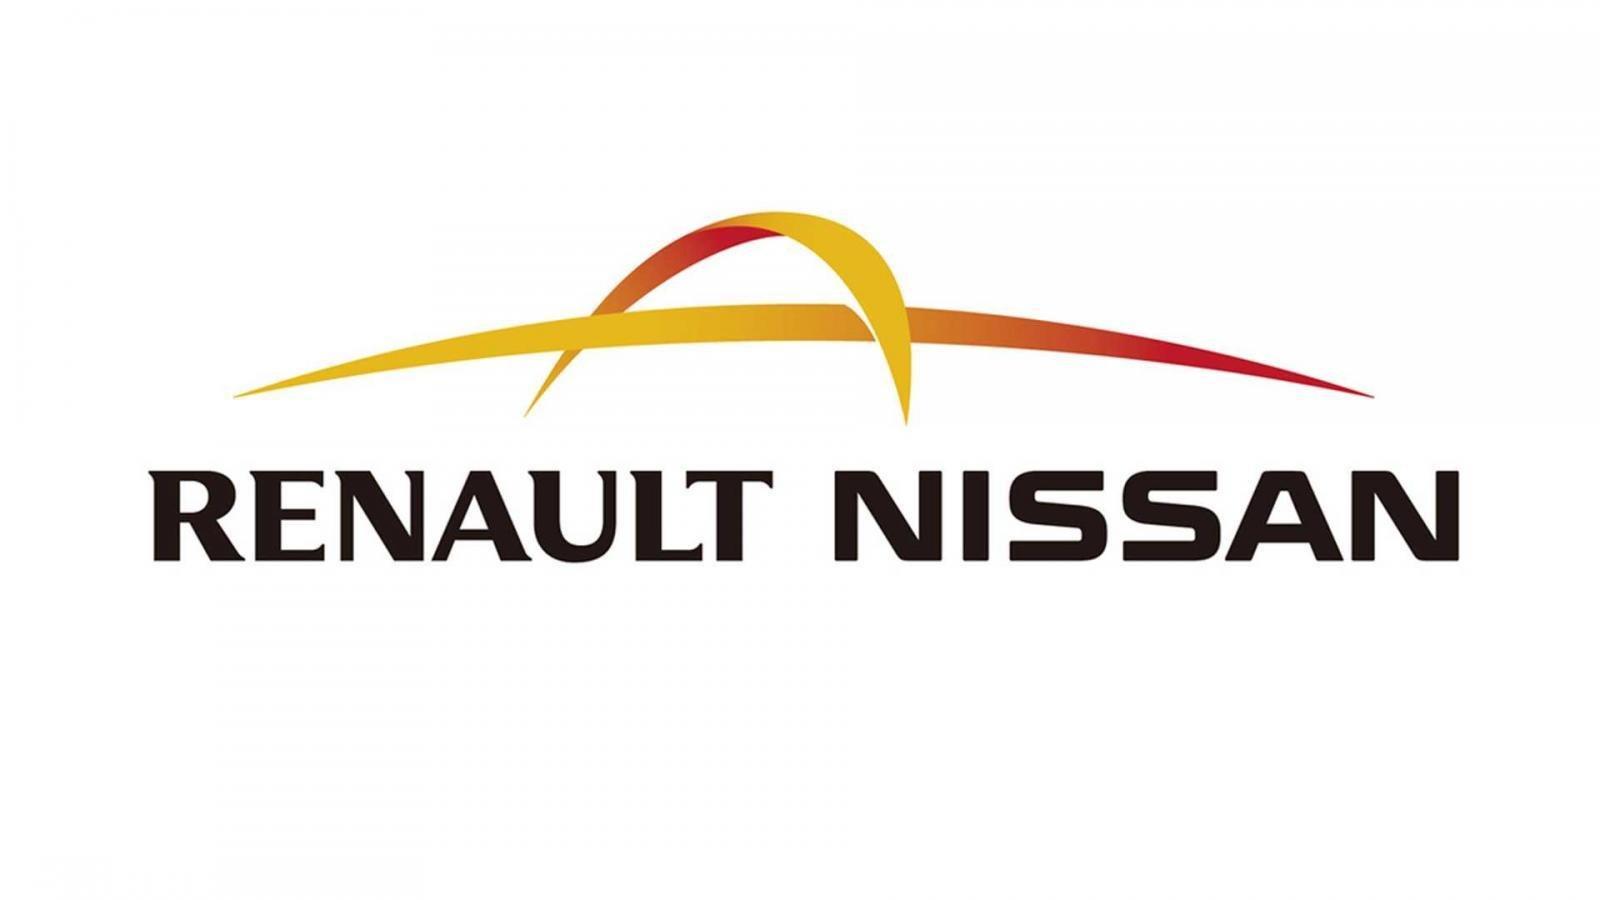 Liên minh Renault Nissan và Mitsubishi vẫn tiếp tục gắn kết